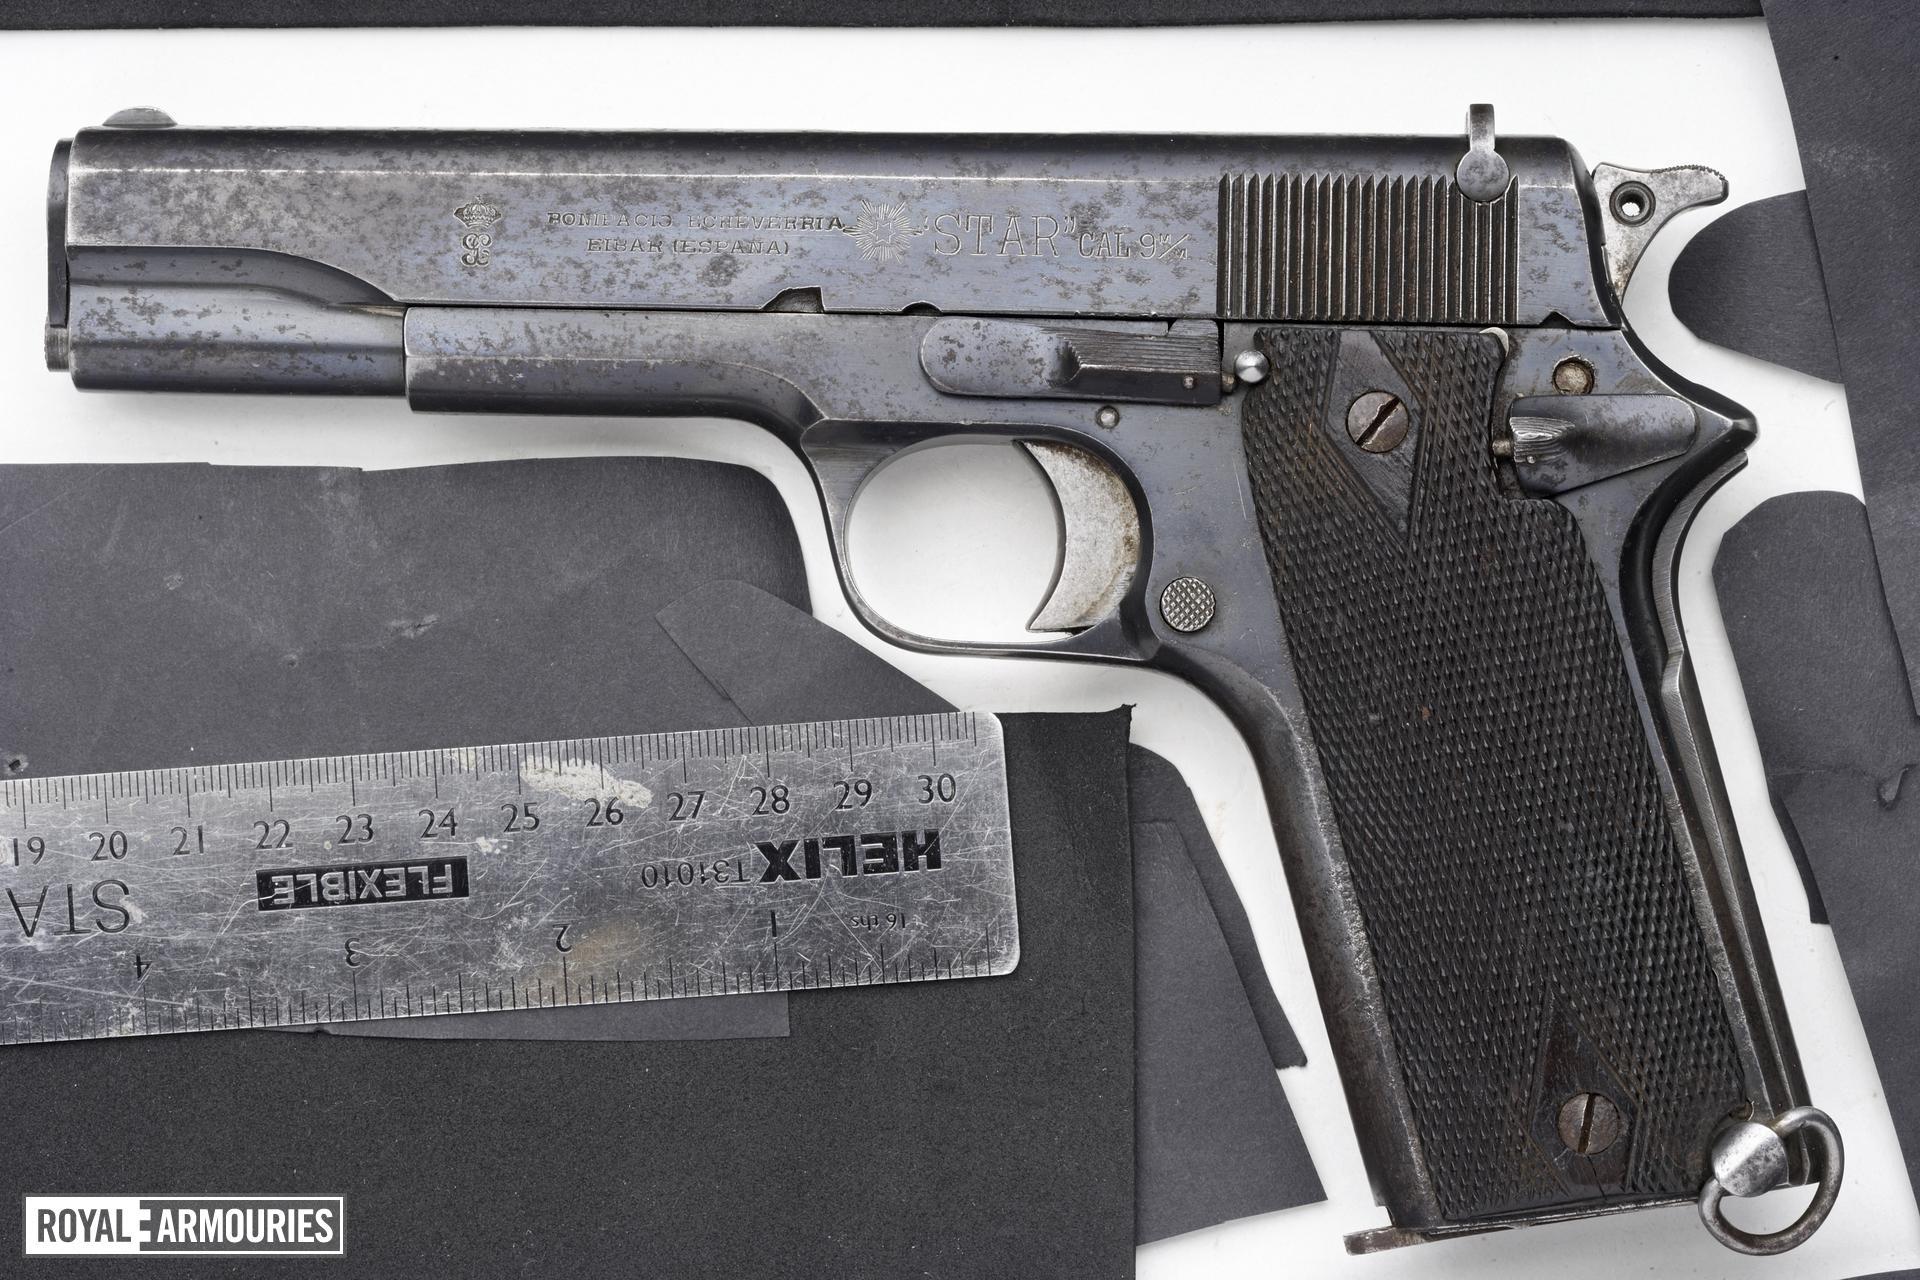 Centrefire self-loading pistol - Star Model 1921